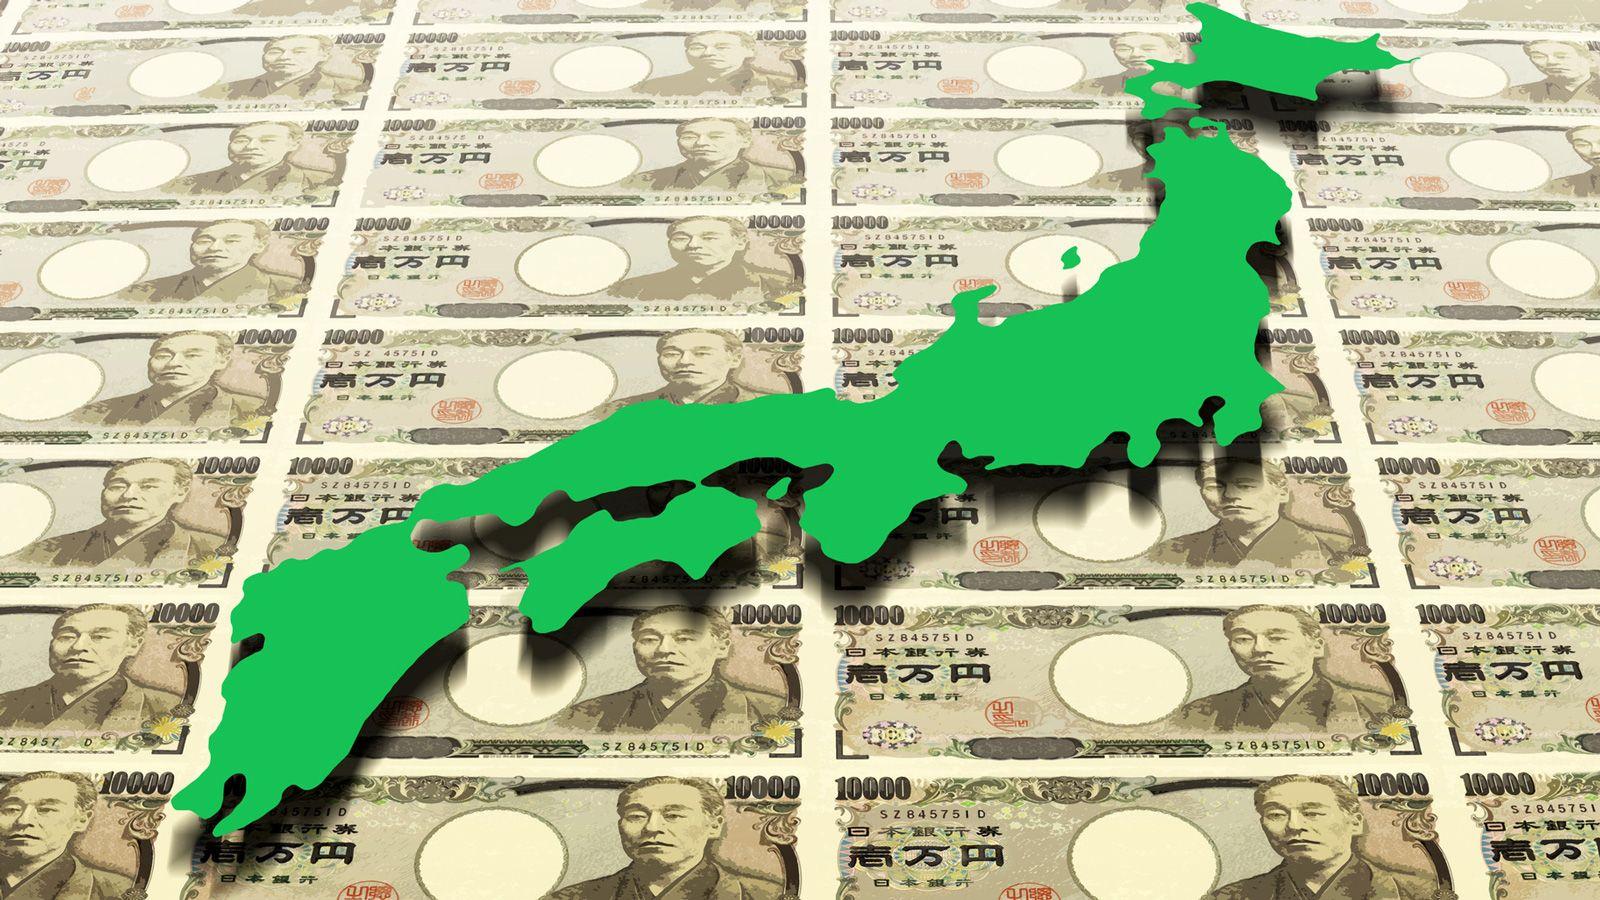 日本の財政が「絶対破綻しない」これだけの理由 | 国内経済 | 東洋経済 ...